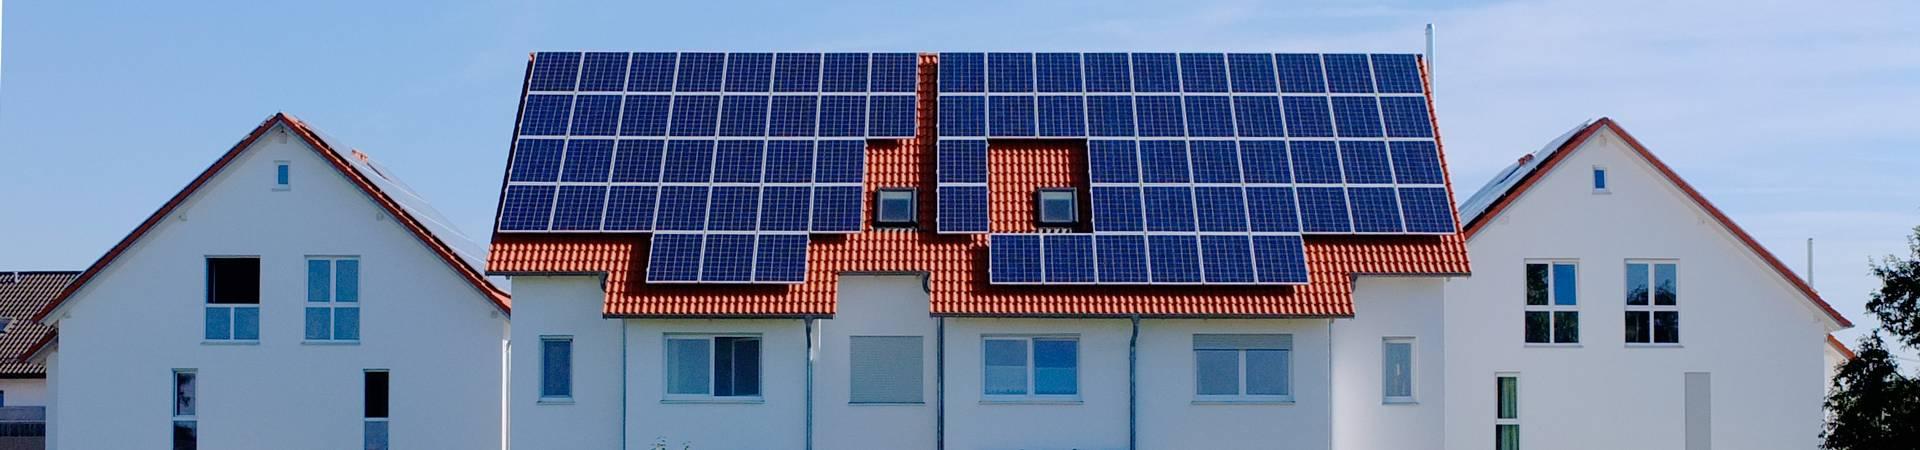 photovoltaik nürnberg